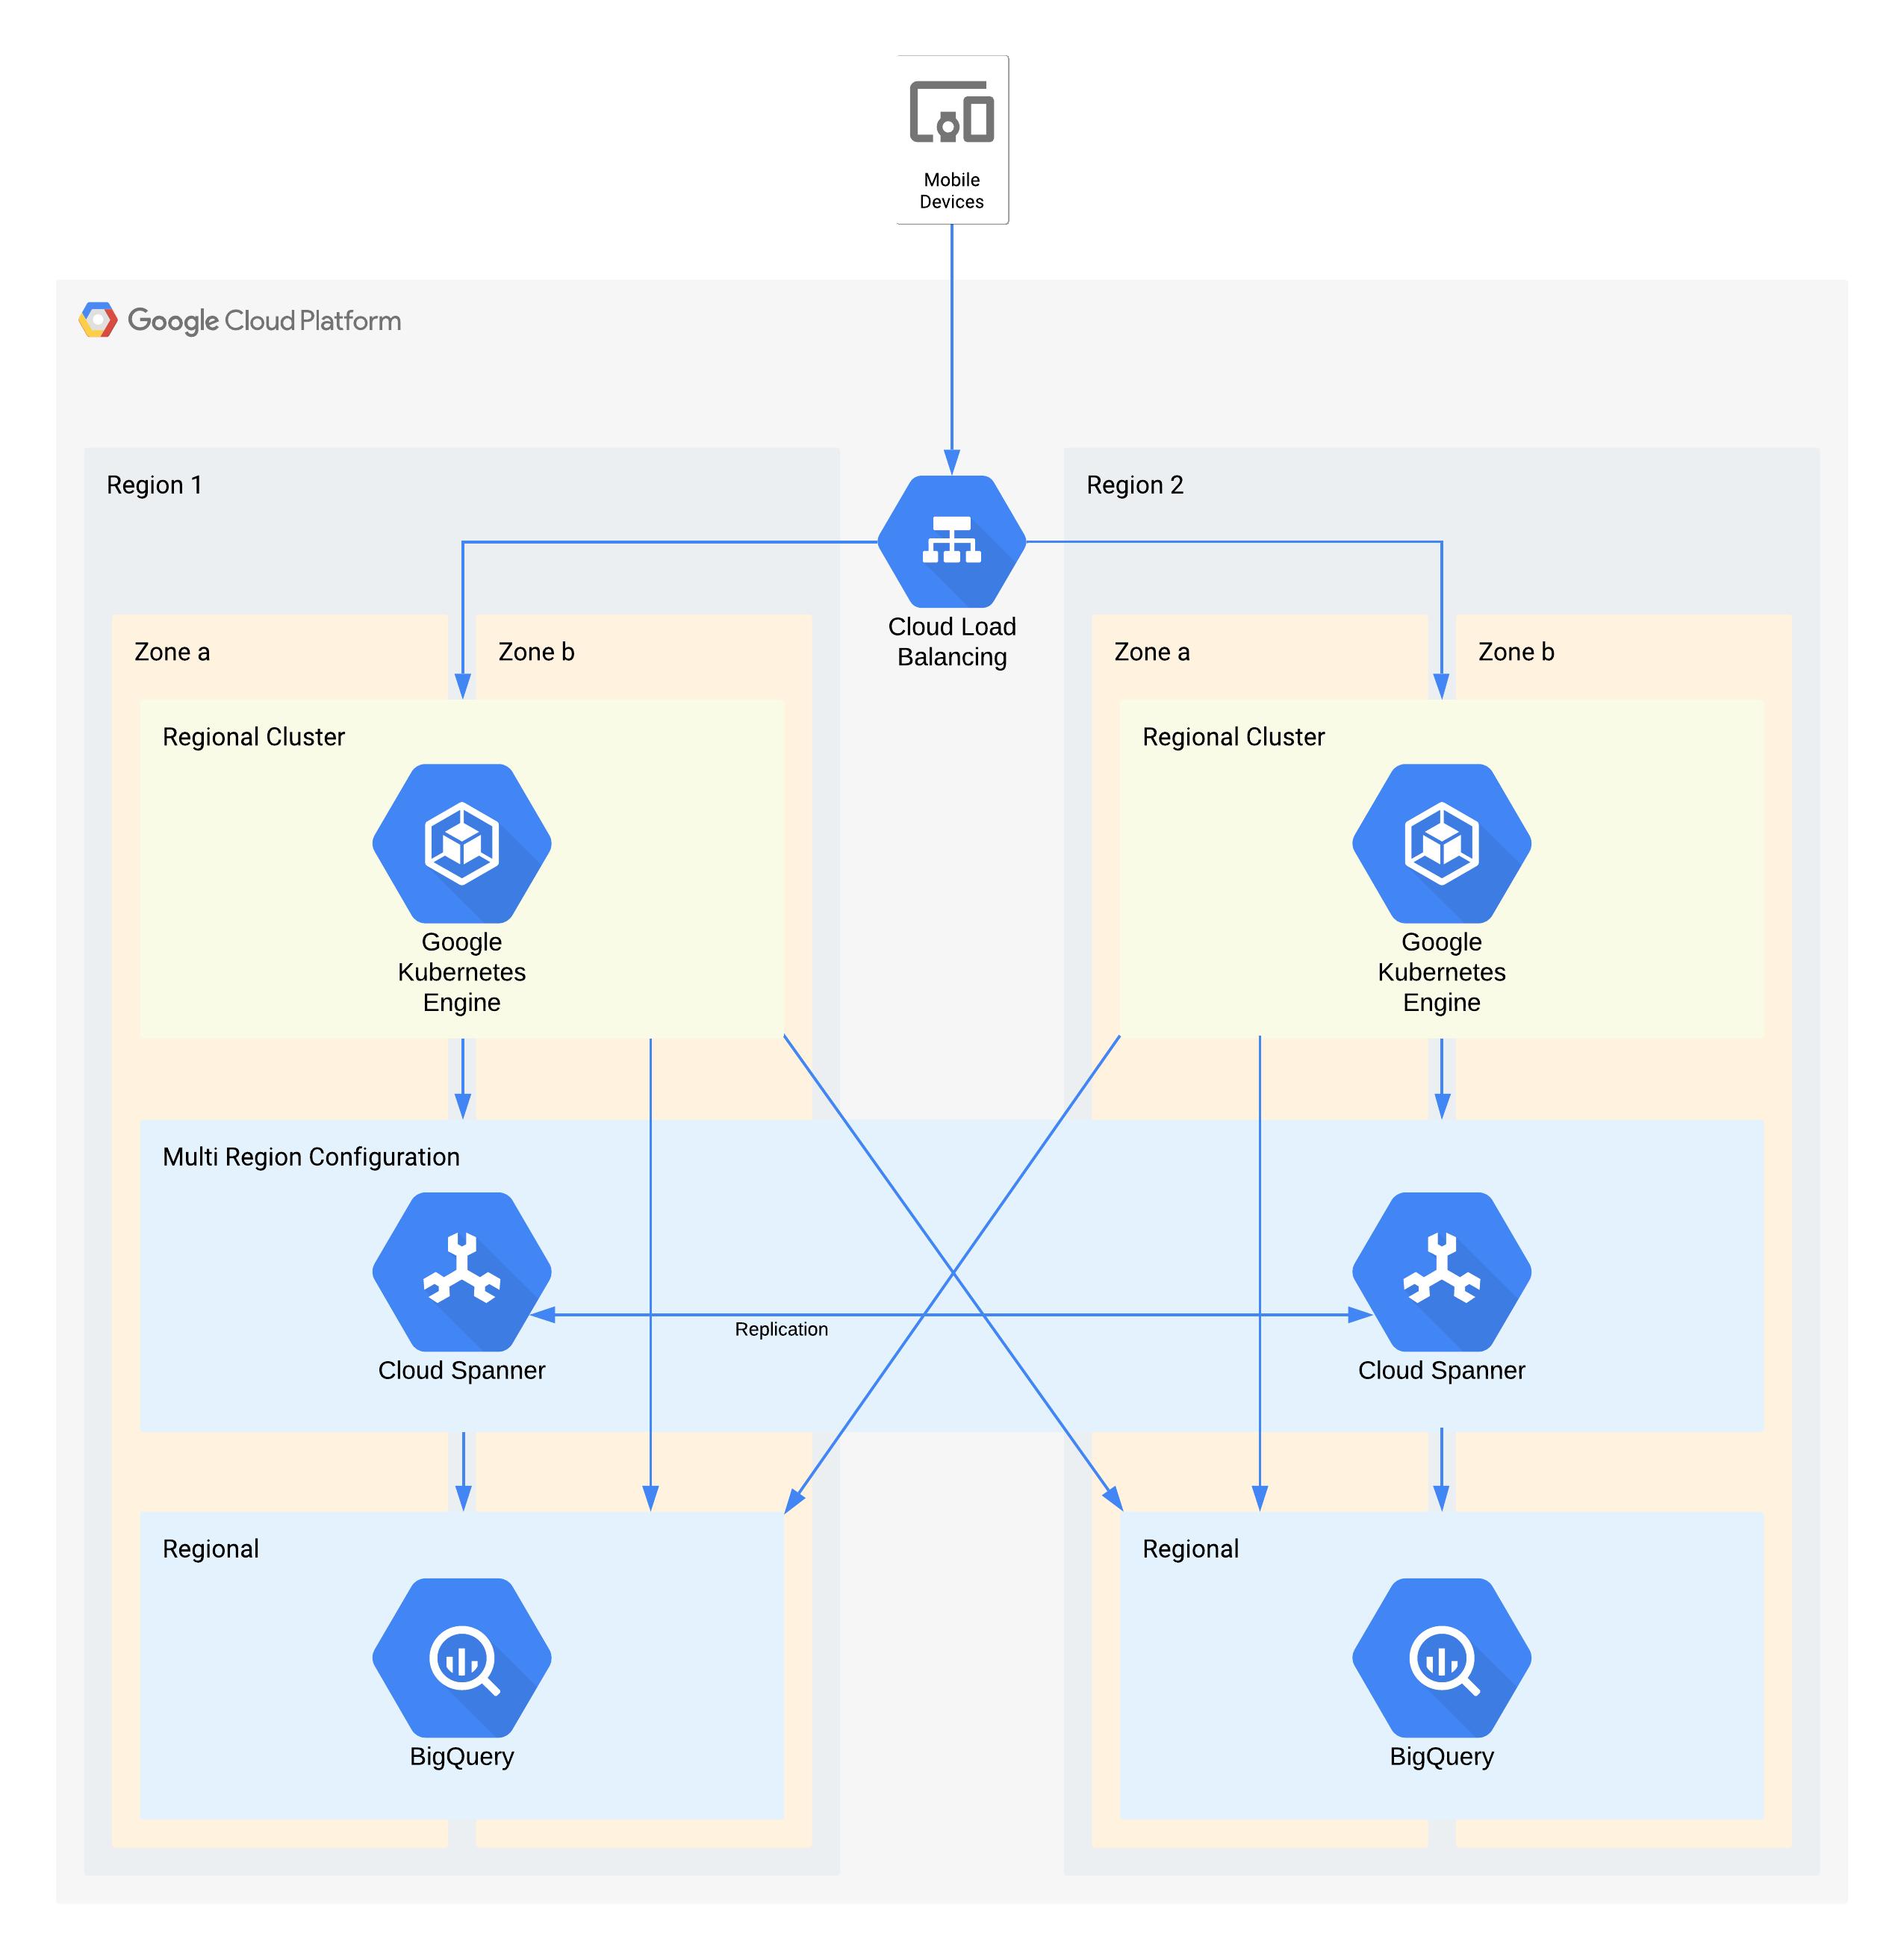 Beispiel einer Architektur der Stufe1 mit Google Cloud-Produkten